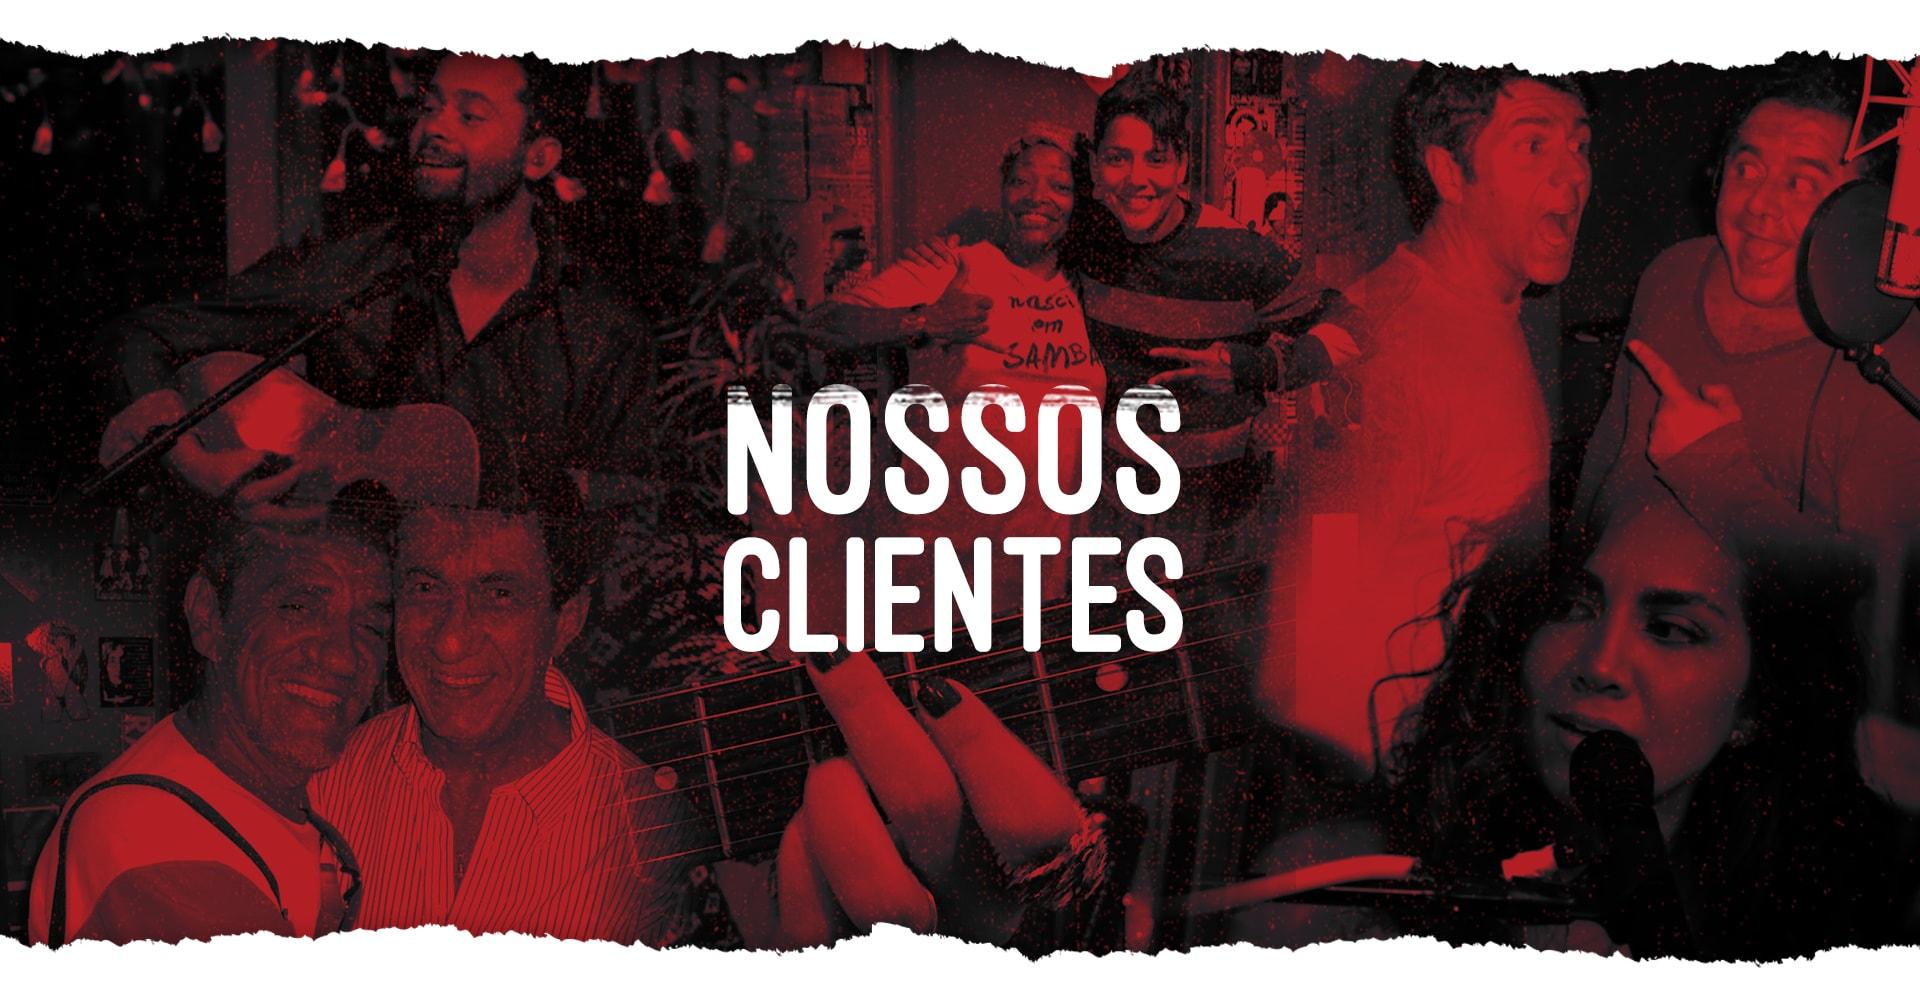 Nossos_Clientes-3-min.jpg